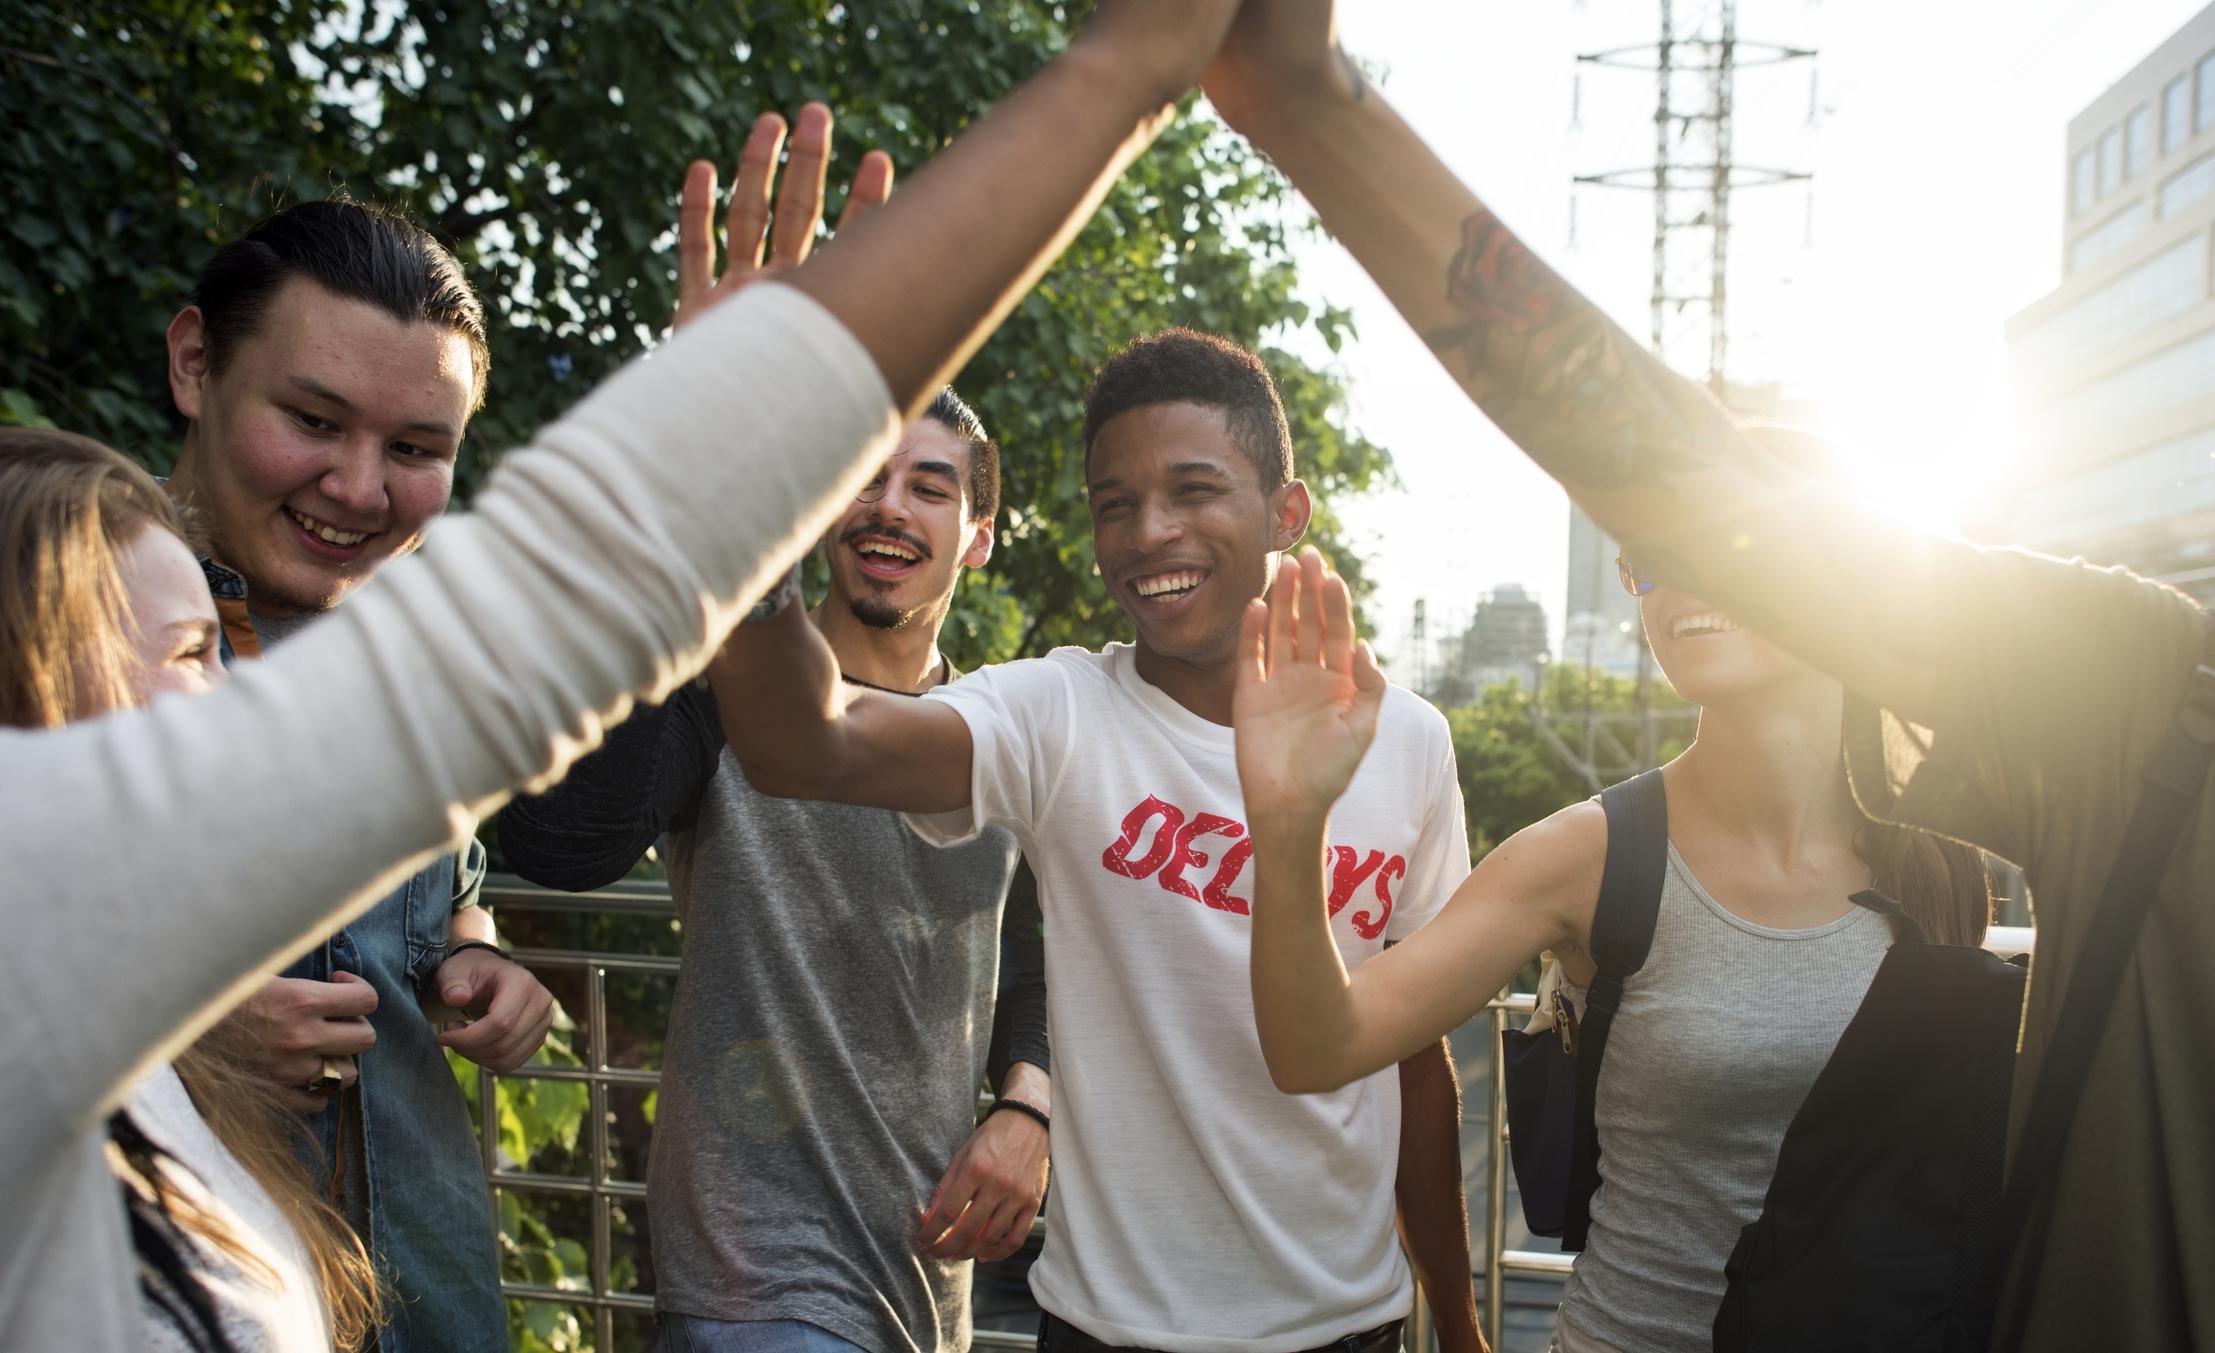 zadowoleni uczniowie przybijają sobie piątkę po egzaminie